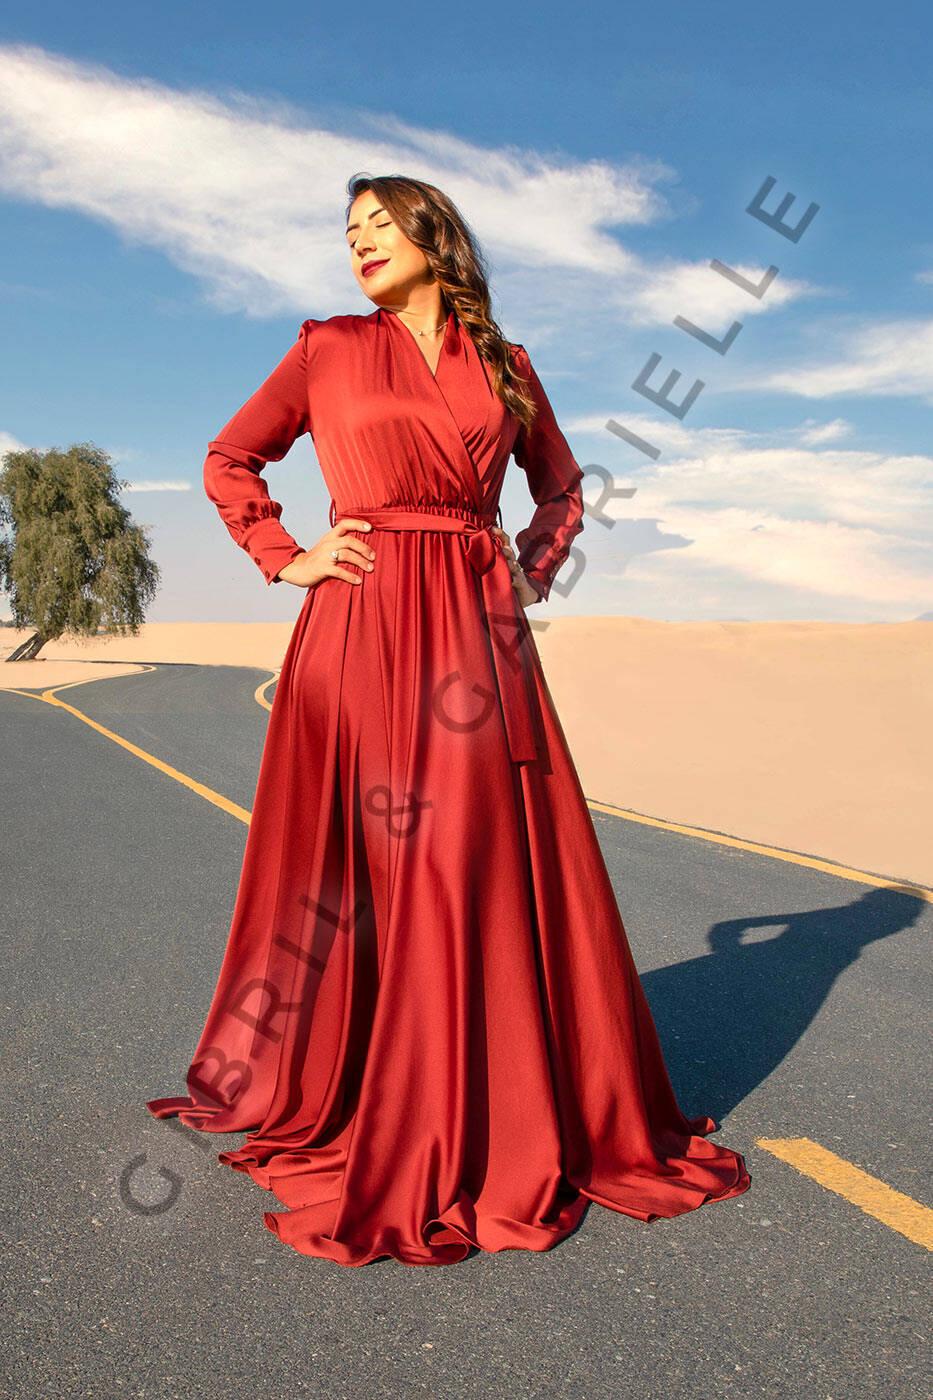 Saffron Mennel Dress